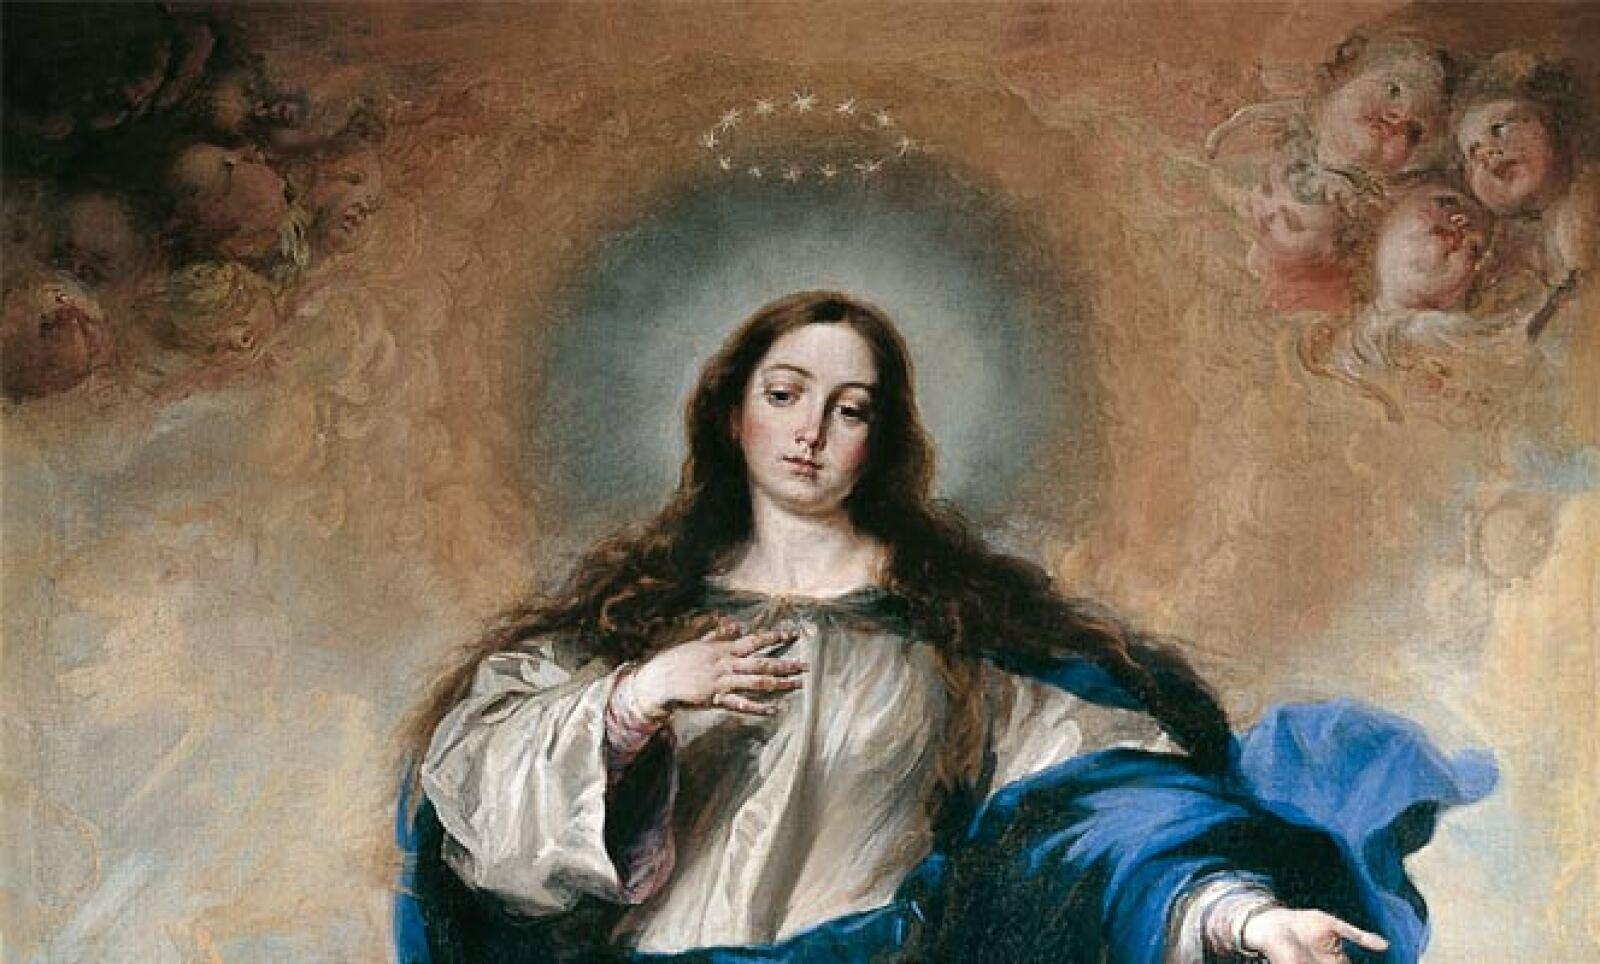 Autor: Juan Carreño de Miranda (1614-1685). Material: Óleo sobre tela. Tamaño: 211 x 145 cm. Origen: Nueva York, Estados Unidos.